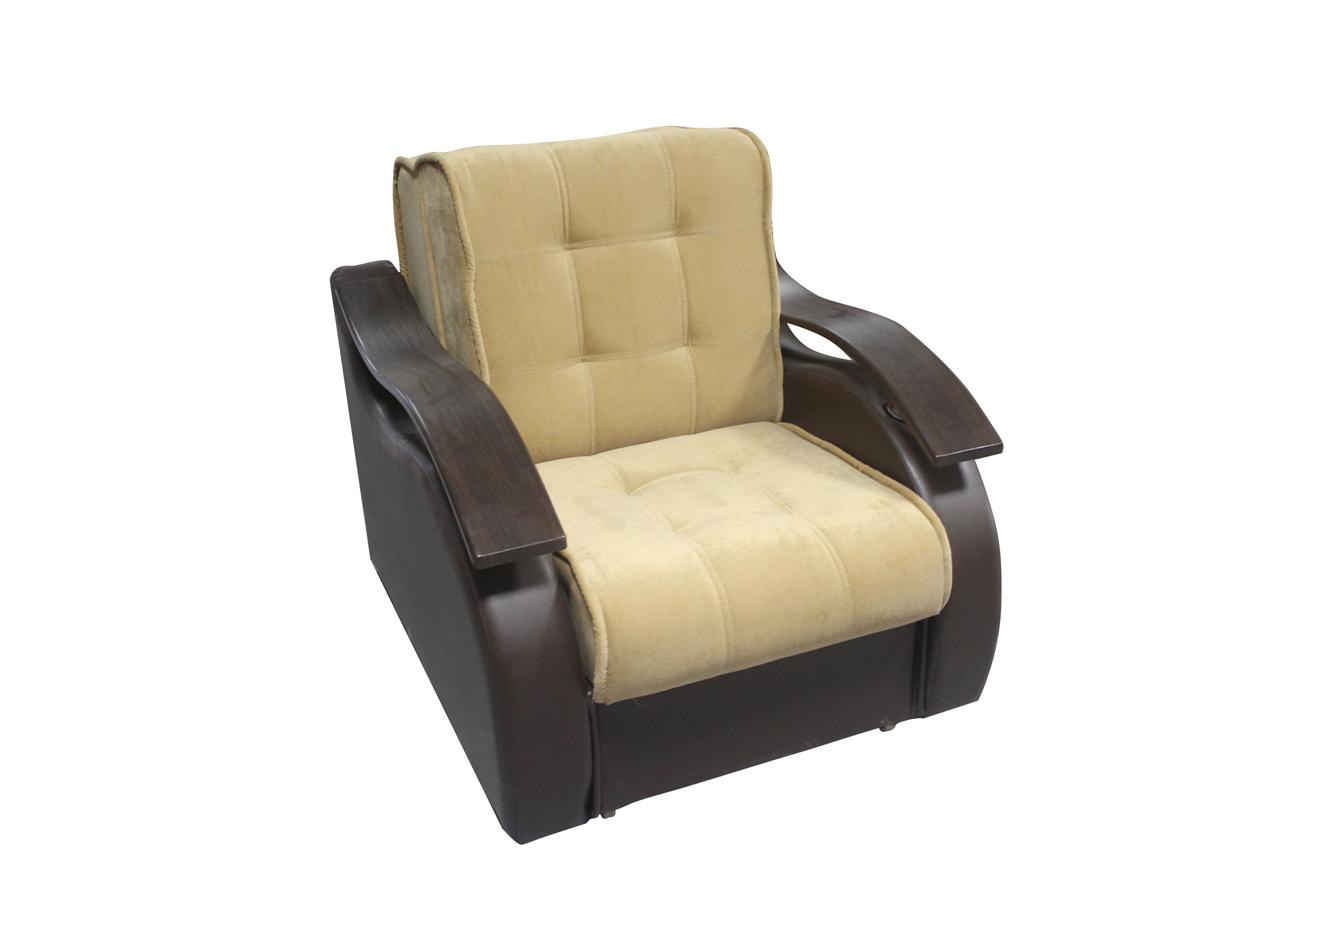 Кресло-кровать Братислава - Акция — Кресло-кровать Братислава